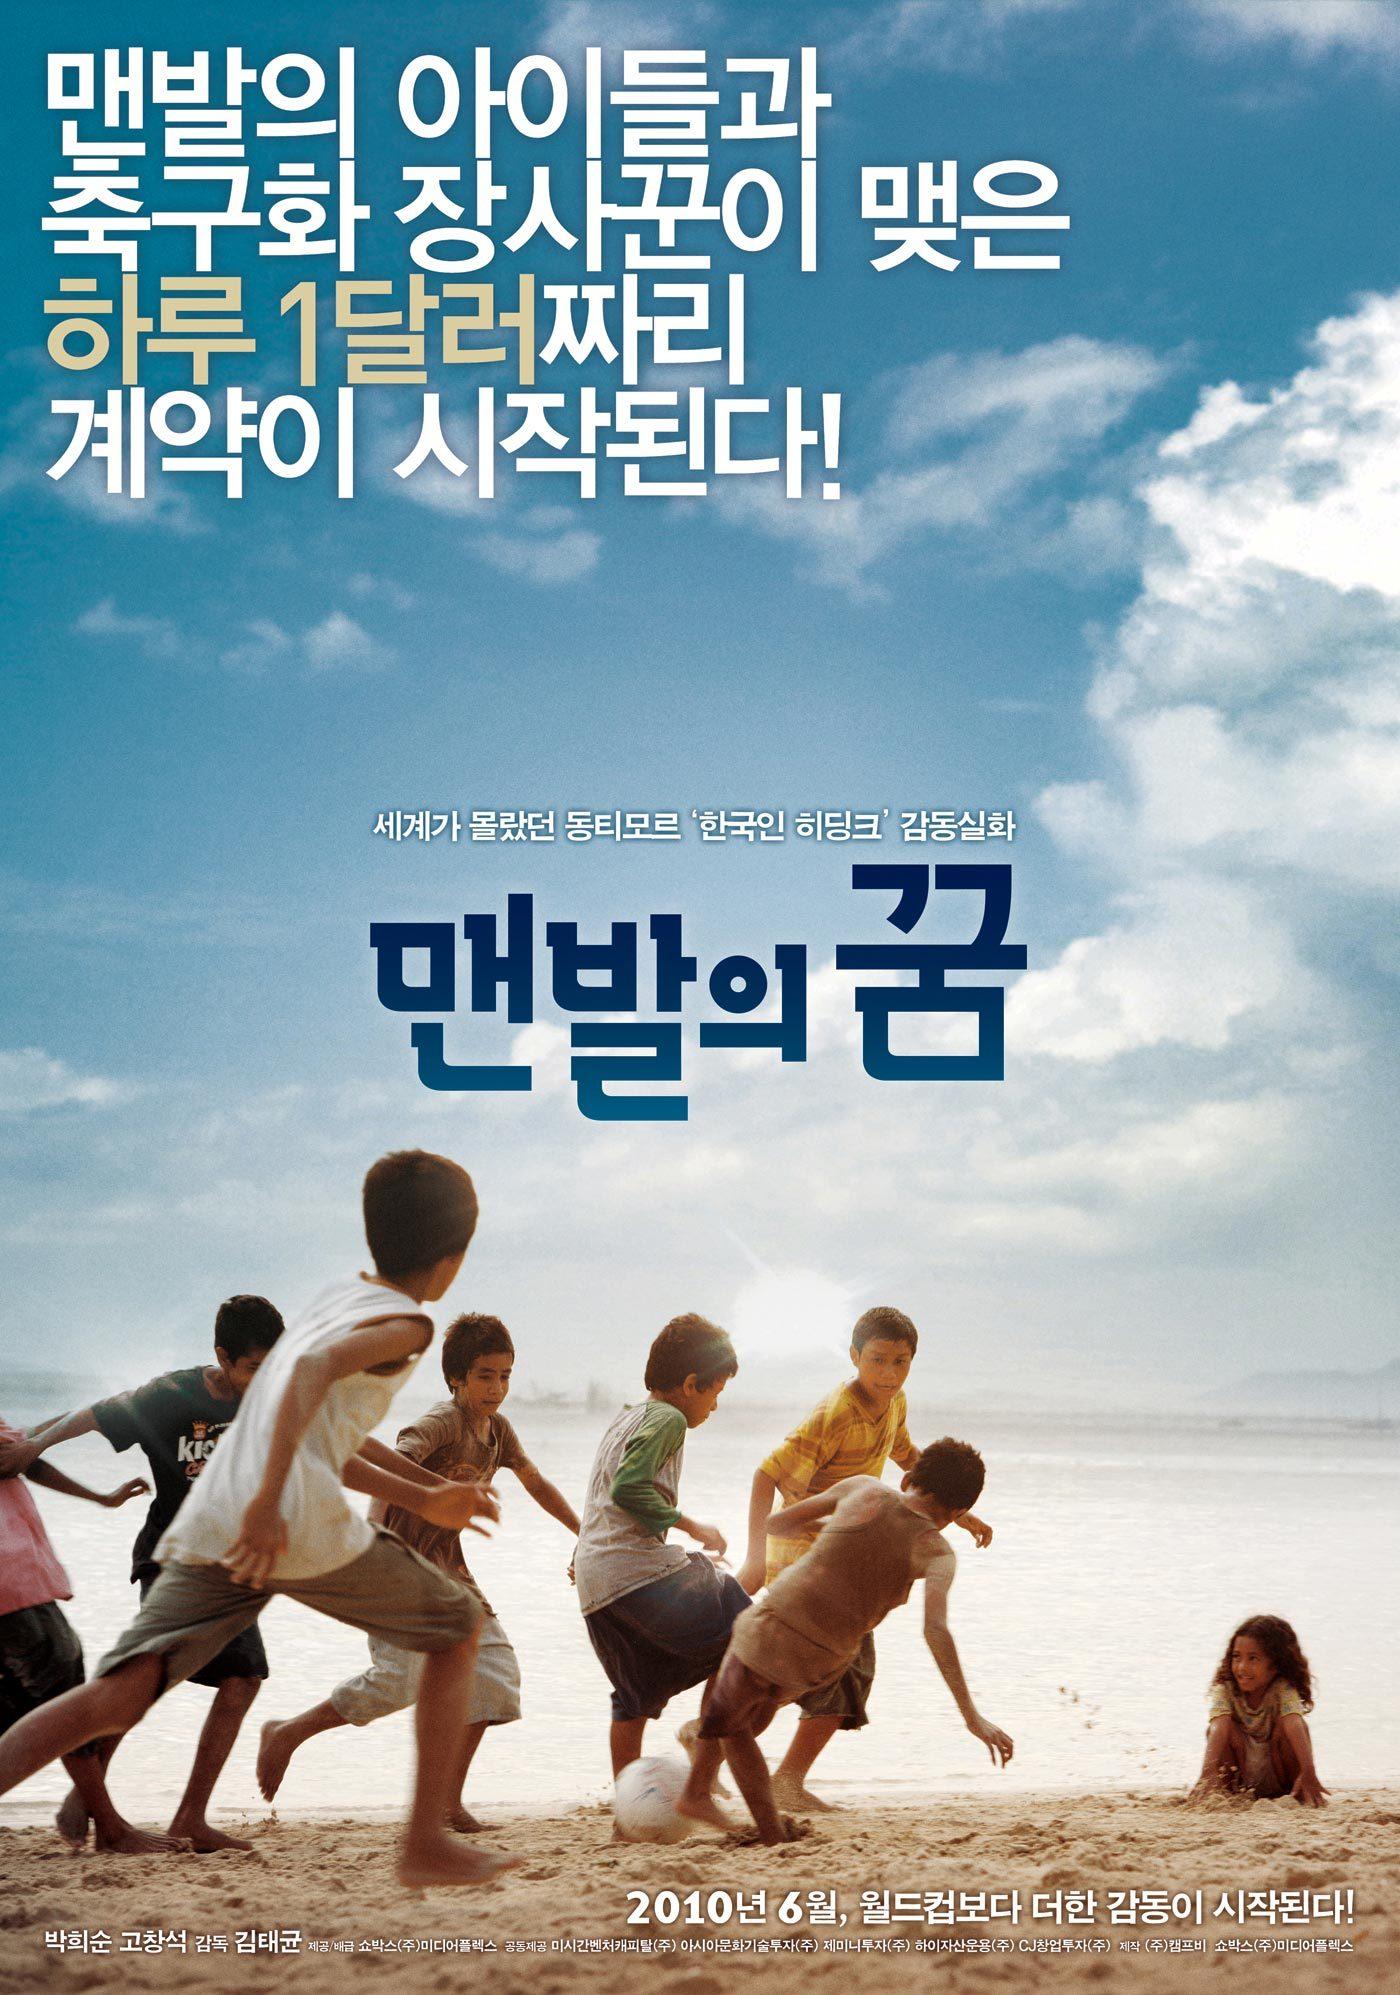 한국 영화 특선 [맨발의 꿈]